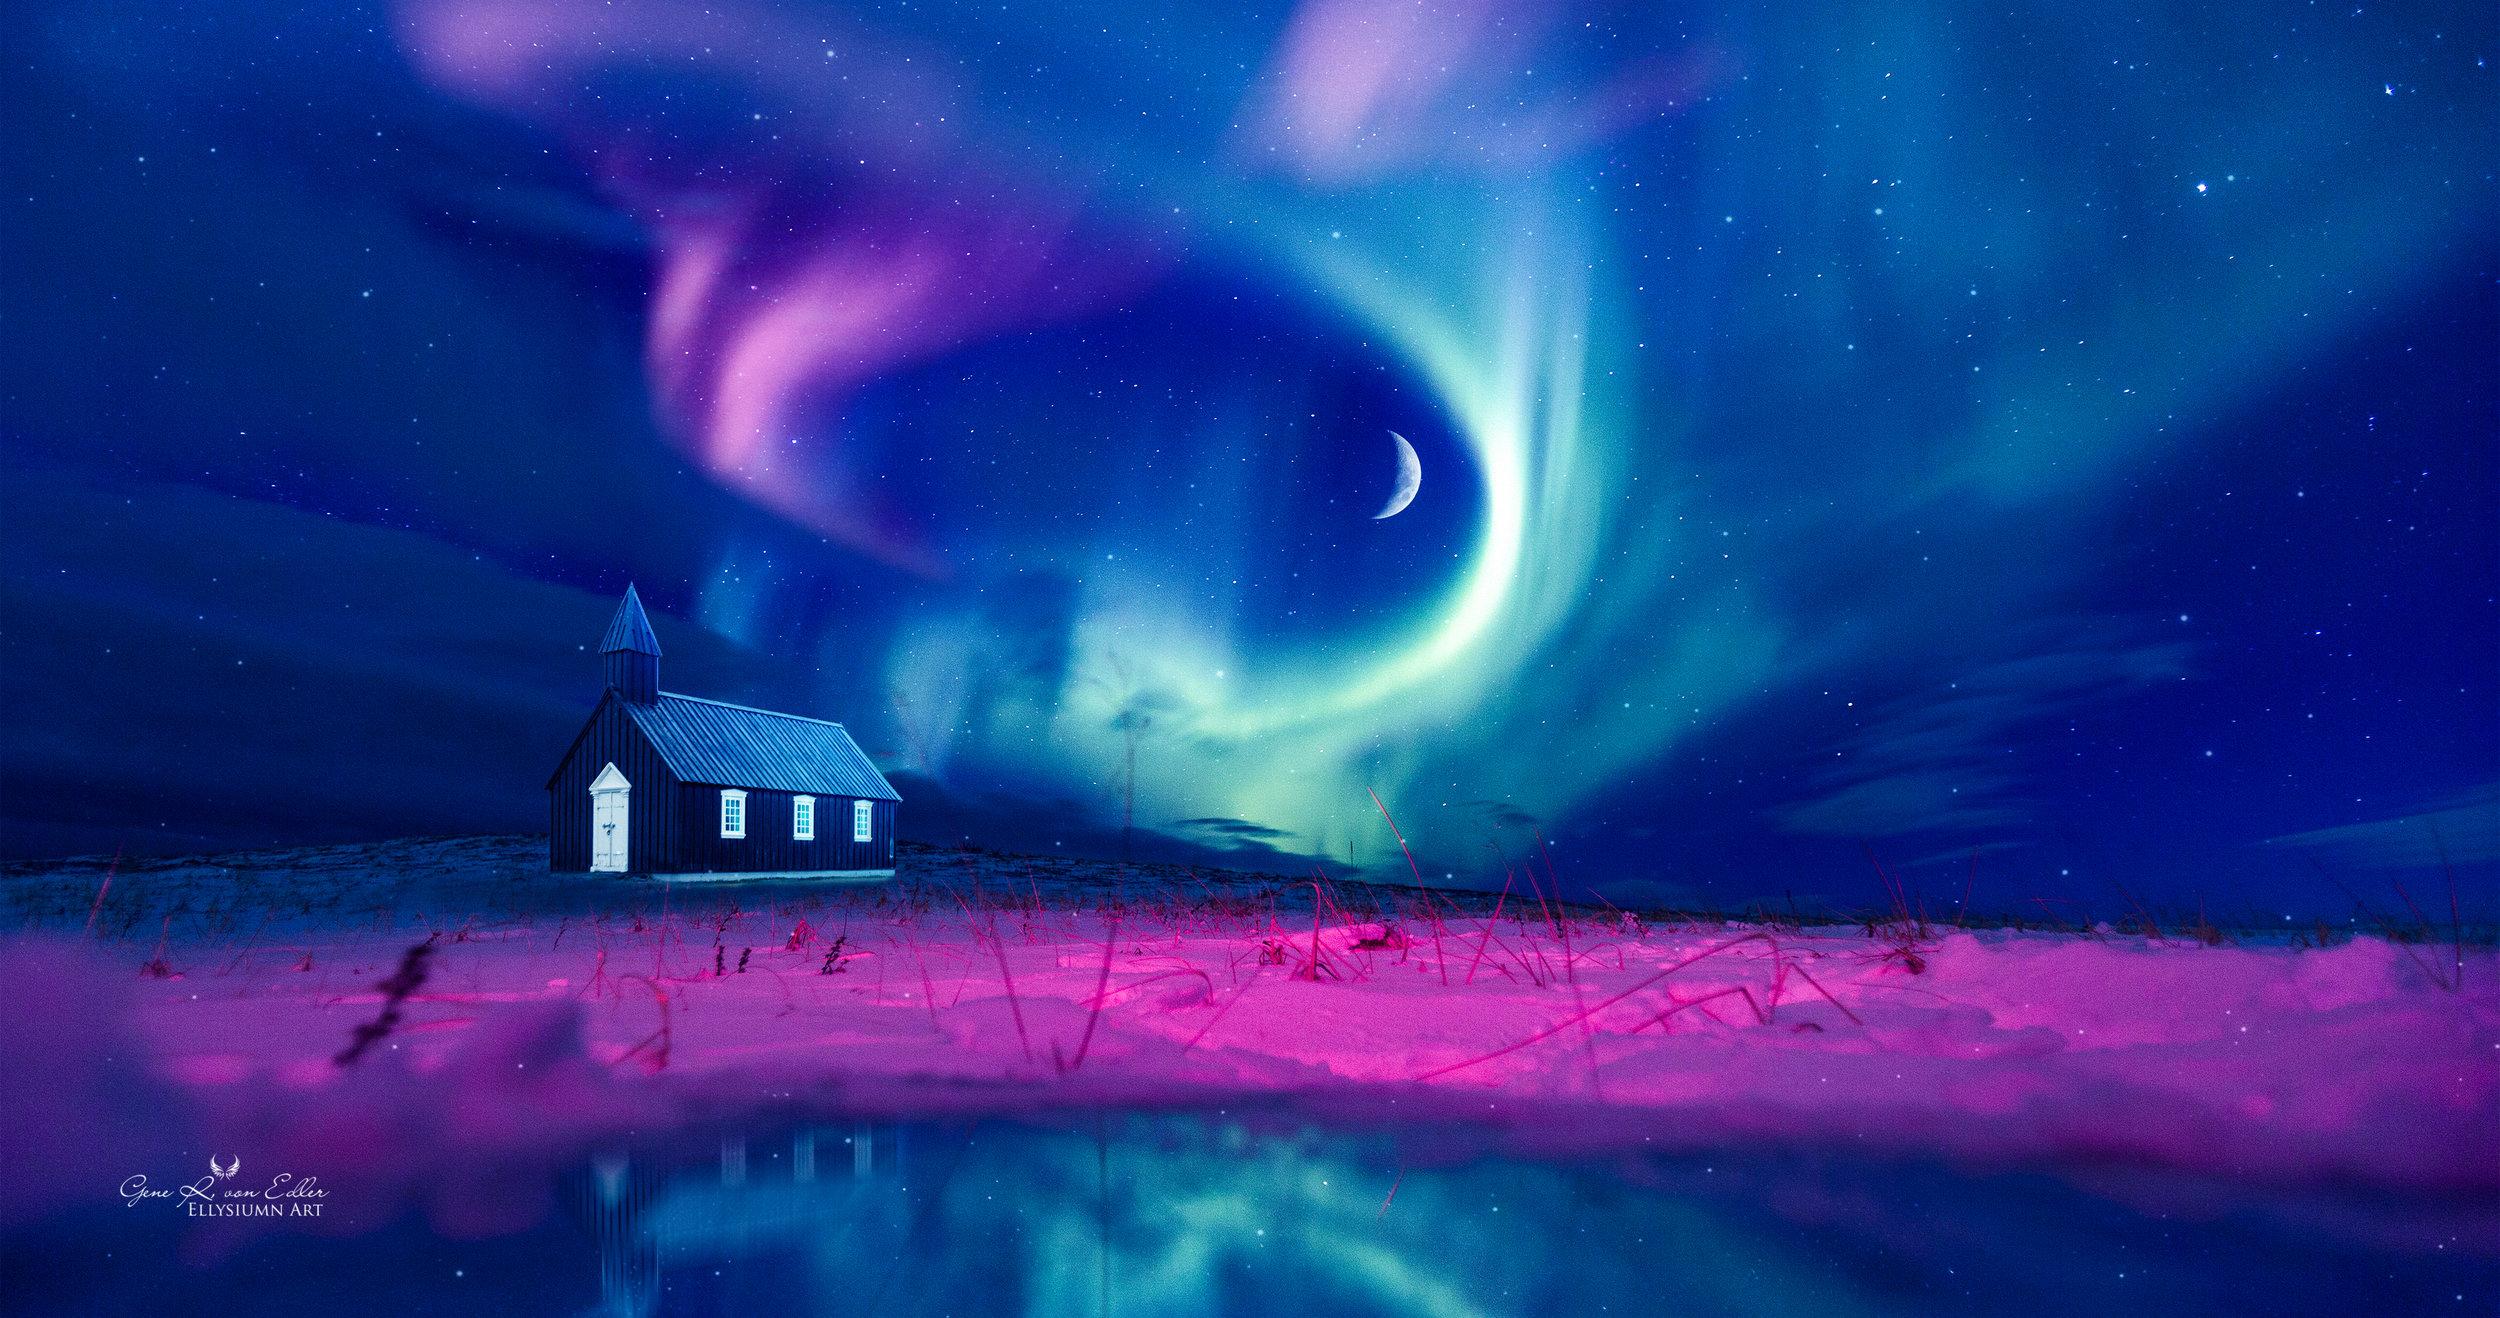 Artist:  Gene Raz von Edler  Sourced:  http://bit.ly/2El8fSg